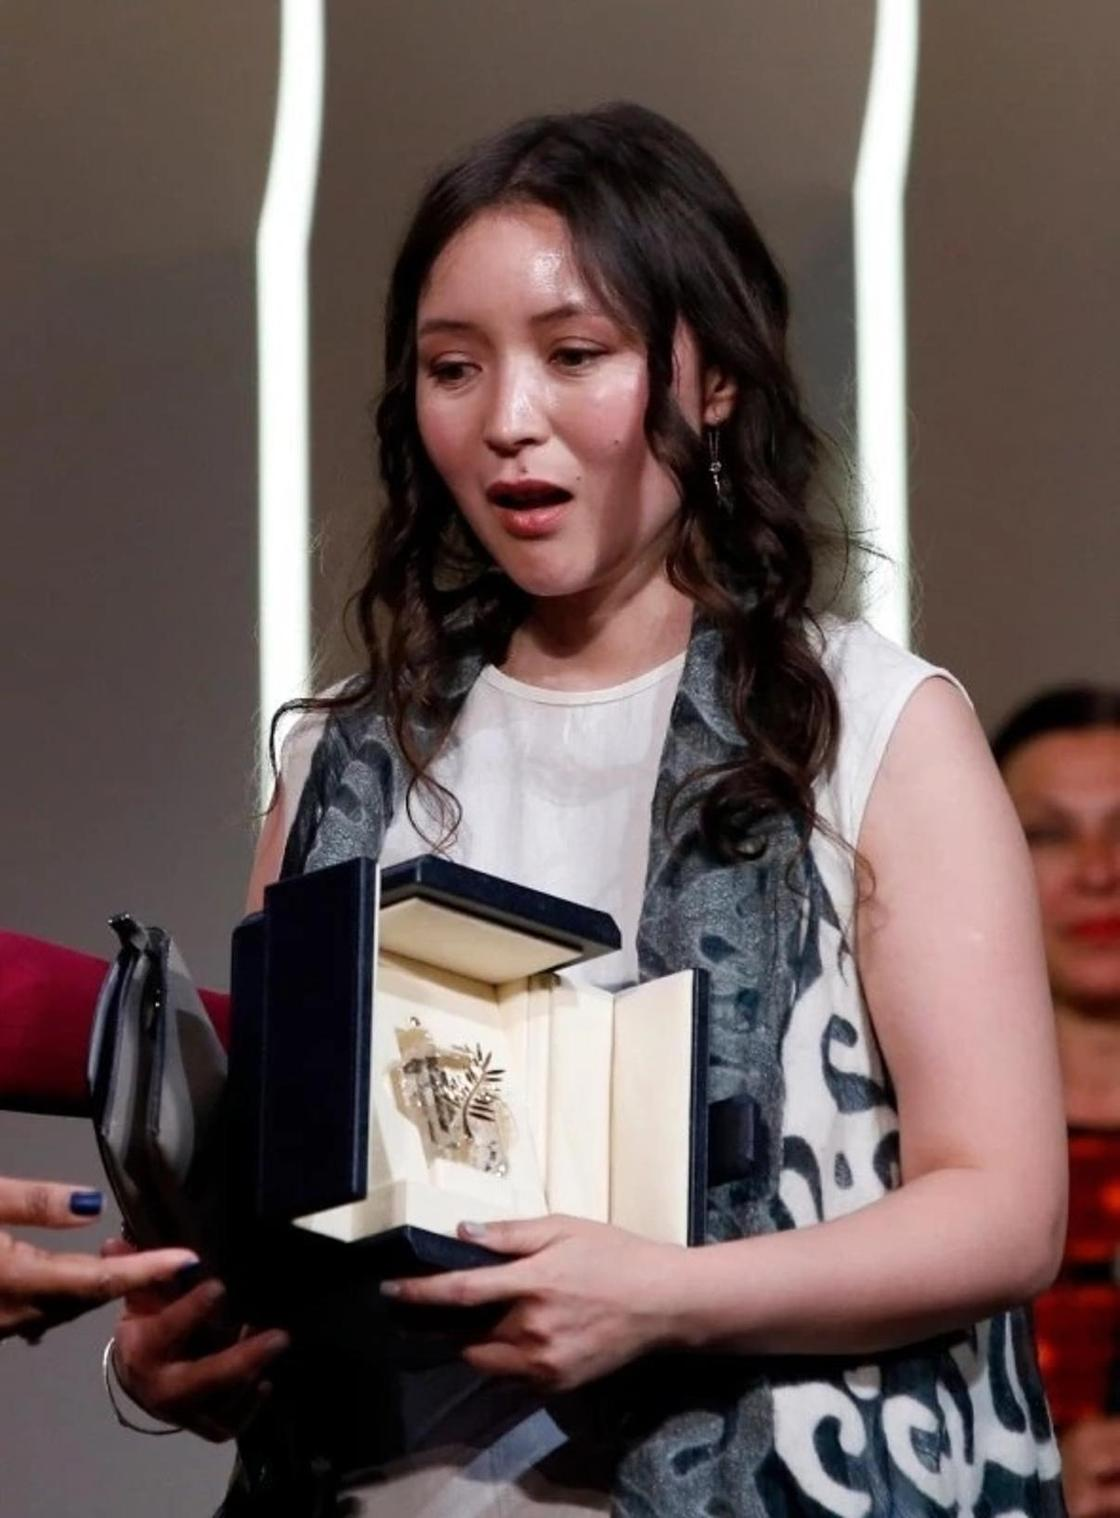 Казахстанская актриса Самал Ислямова признана лучшей в Каннах